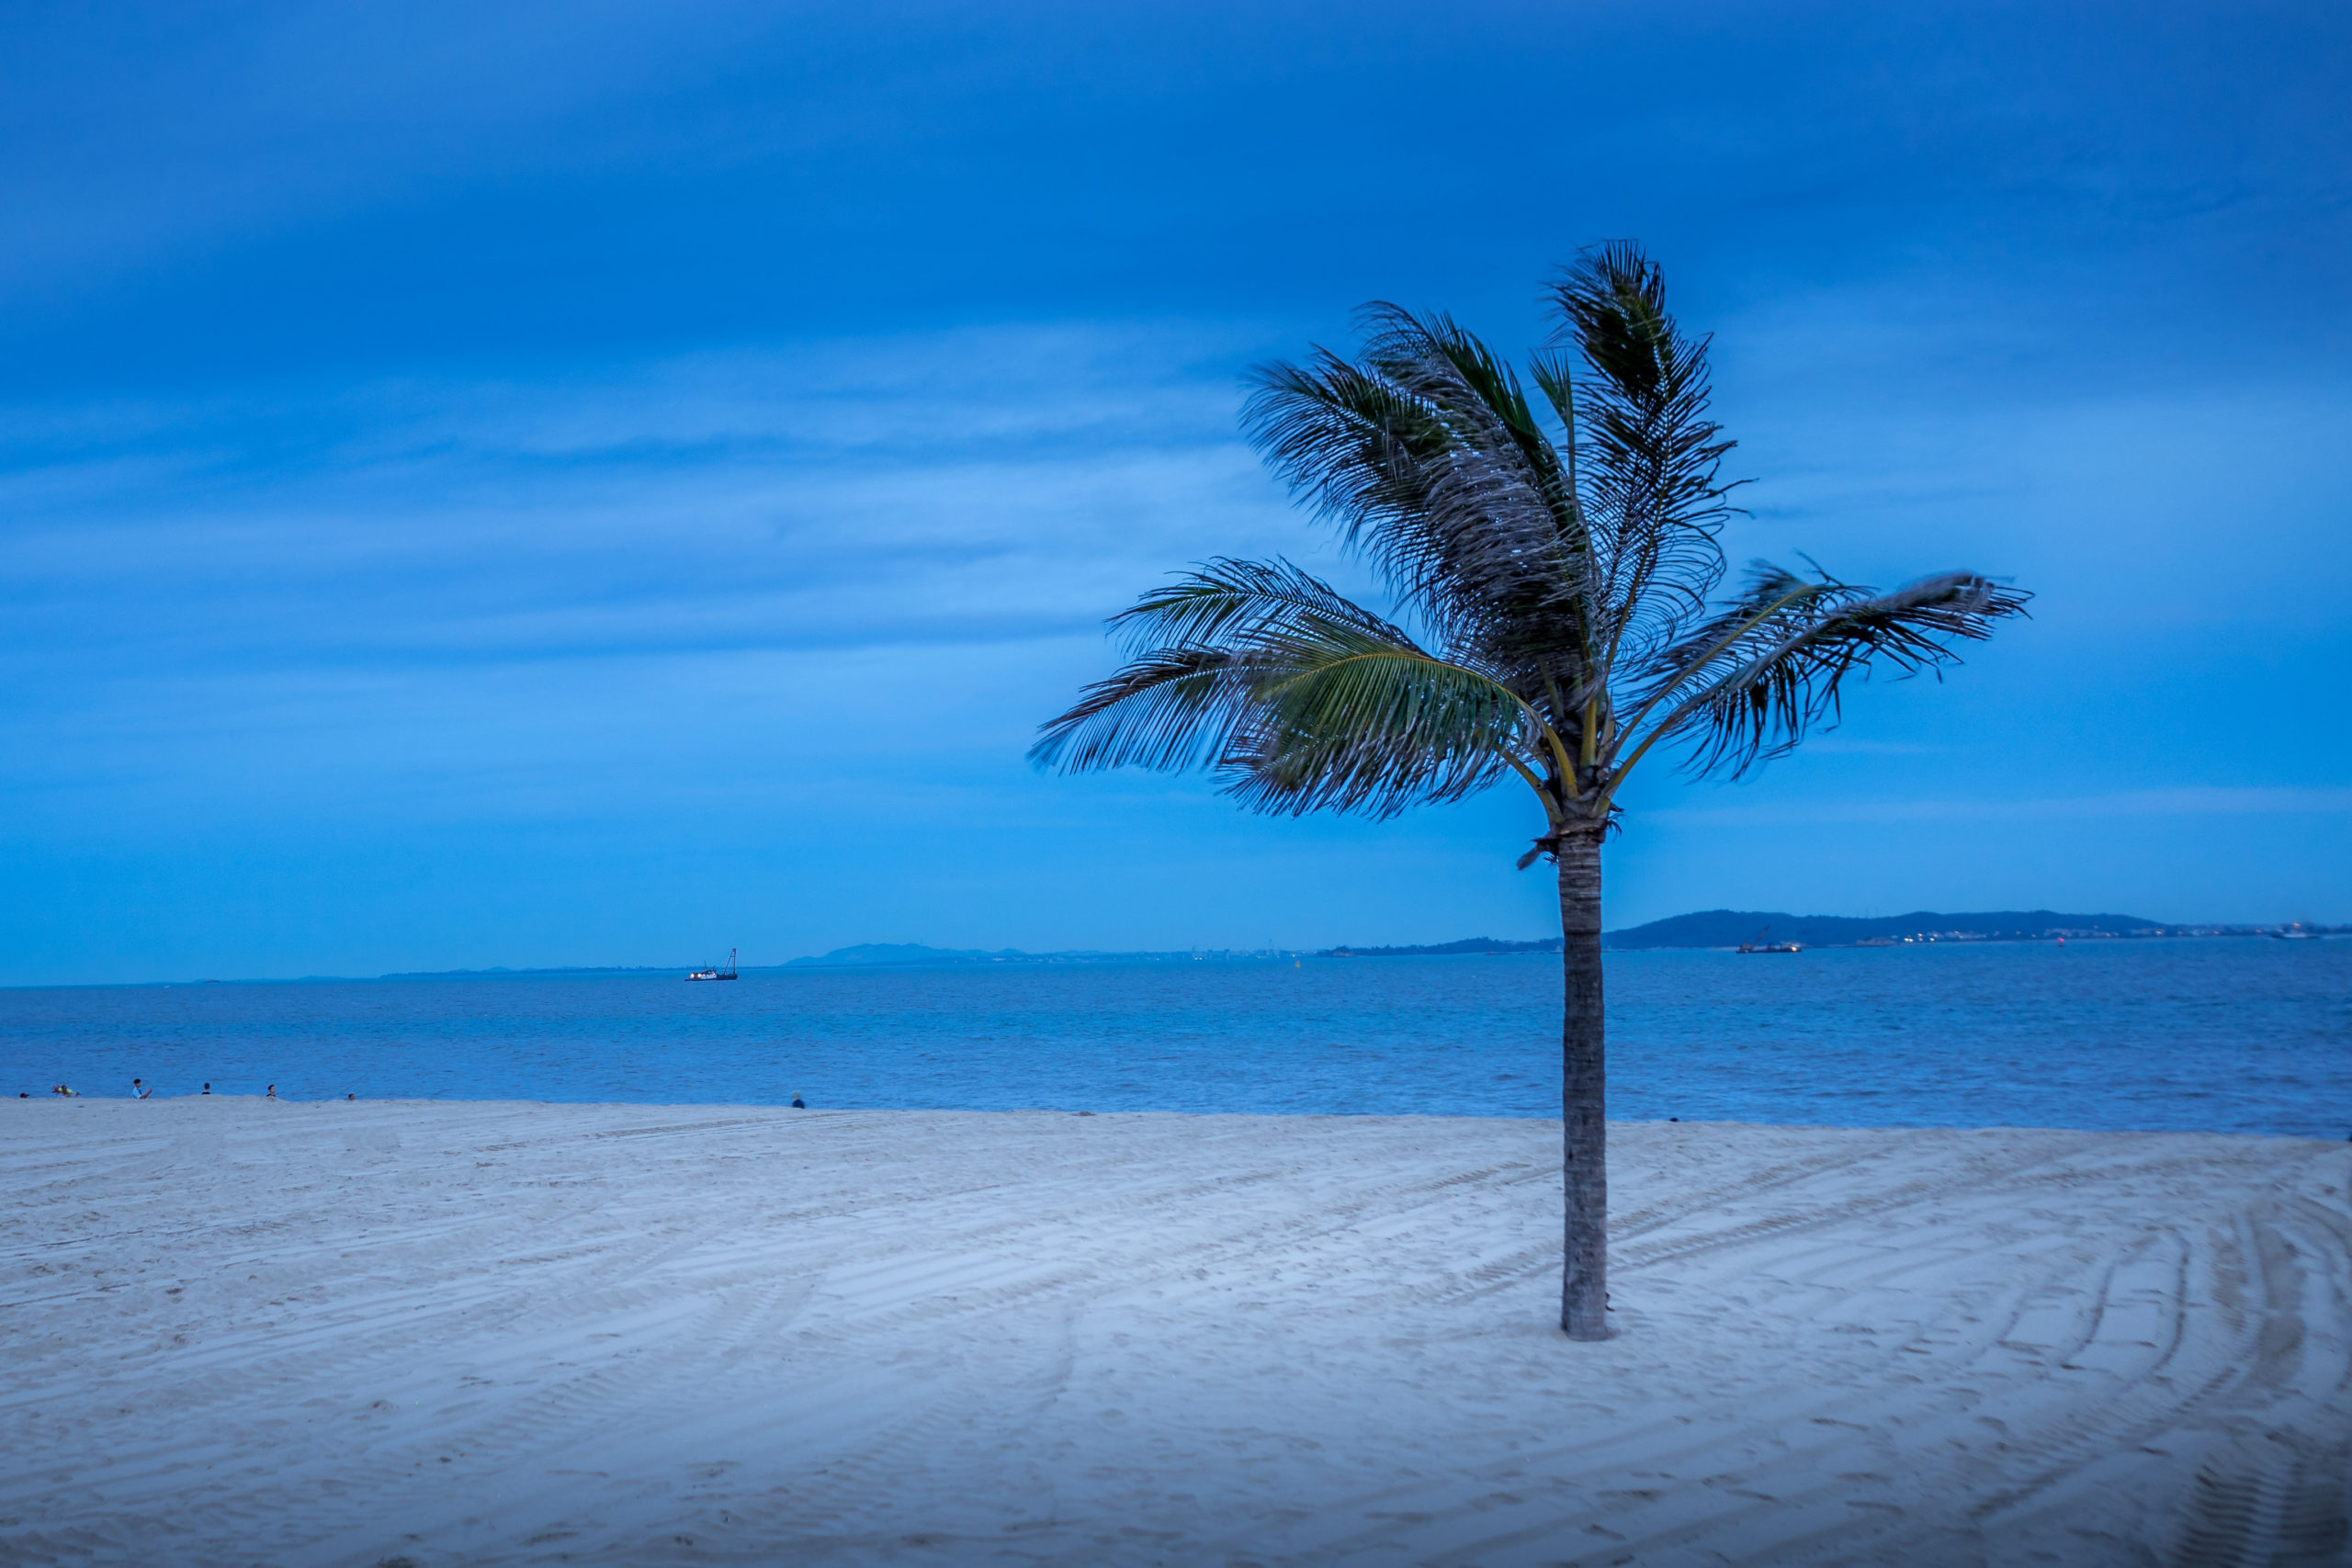 2021.05.26 会展沙滩-